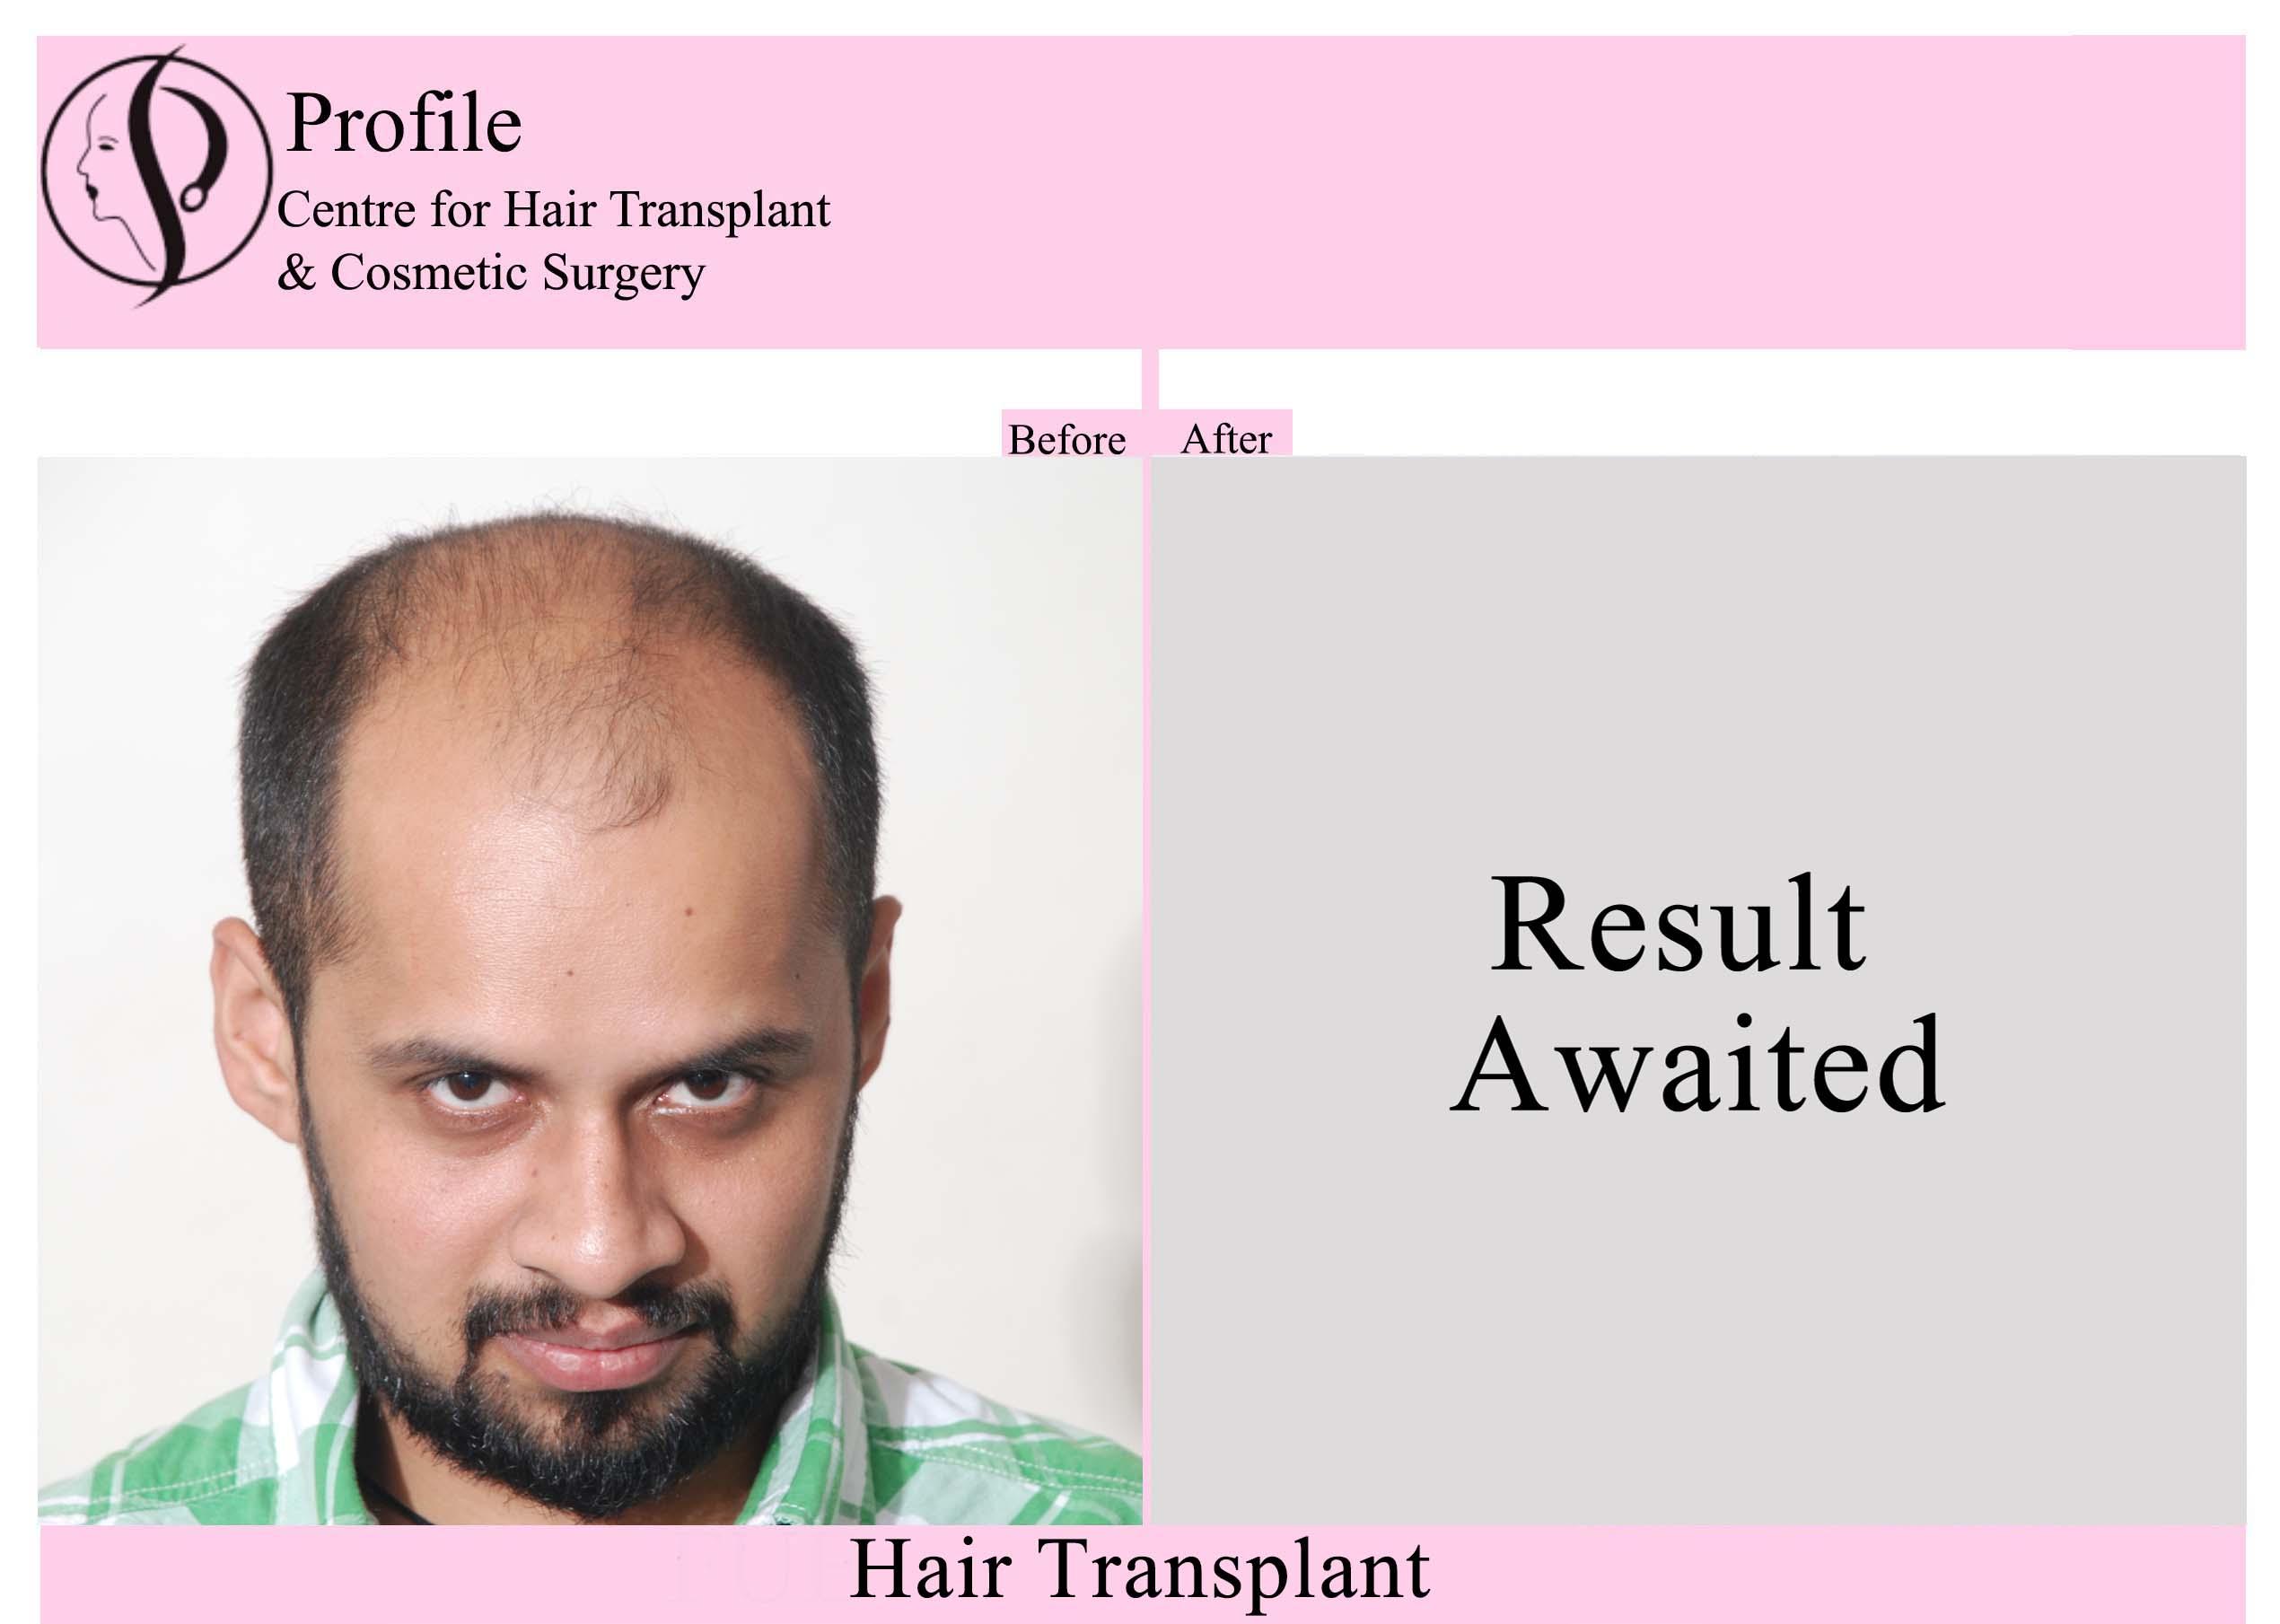 Dr. Tarun Verma